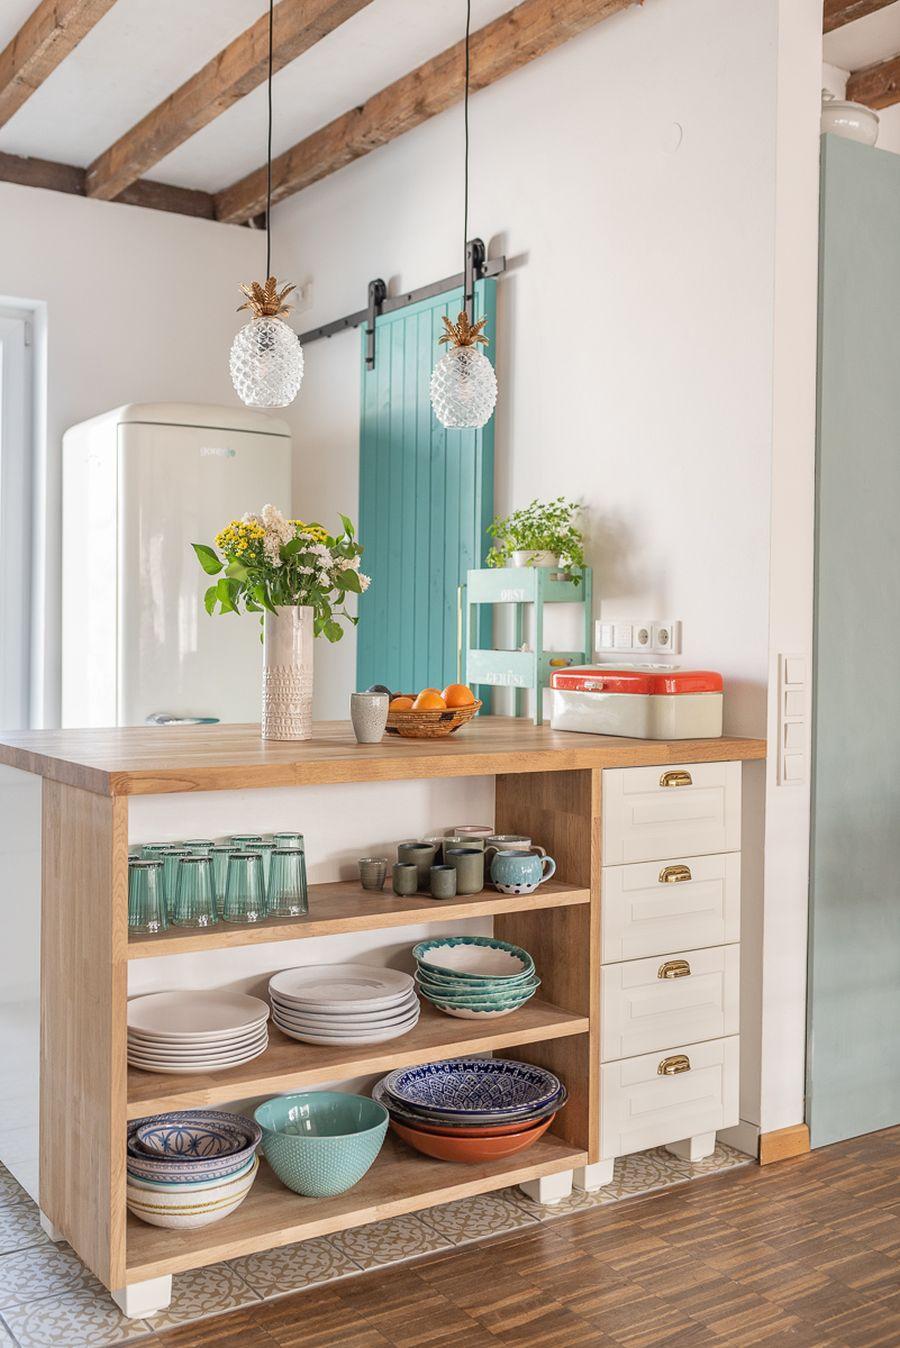 Wiosenne kolory w klimatycznym mieszkanku, wystrój wnętrz, wnętrza, urządzanie domu, dekoracje wnętrz, aranżacja wnętrz, inspiracje wnętrz,interior design , dom i wnętrze, aranżacja mieszkania, modne wnętrza, home decor, styl skandynawski, scandi, scandinavian style, kuchnia, kitchen, drewniane klaty, drewniana półka, białe szafki, meble kuchenne, turkusowe płytki, aneks kuchenny, mała kuchnia, small kitchen, wyspa kuchenna